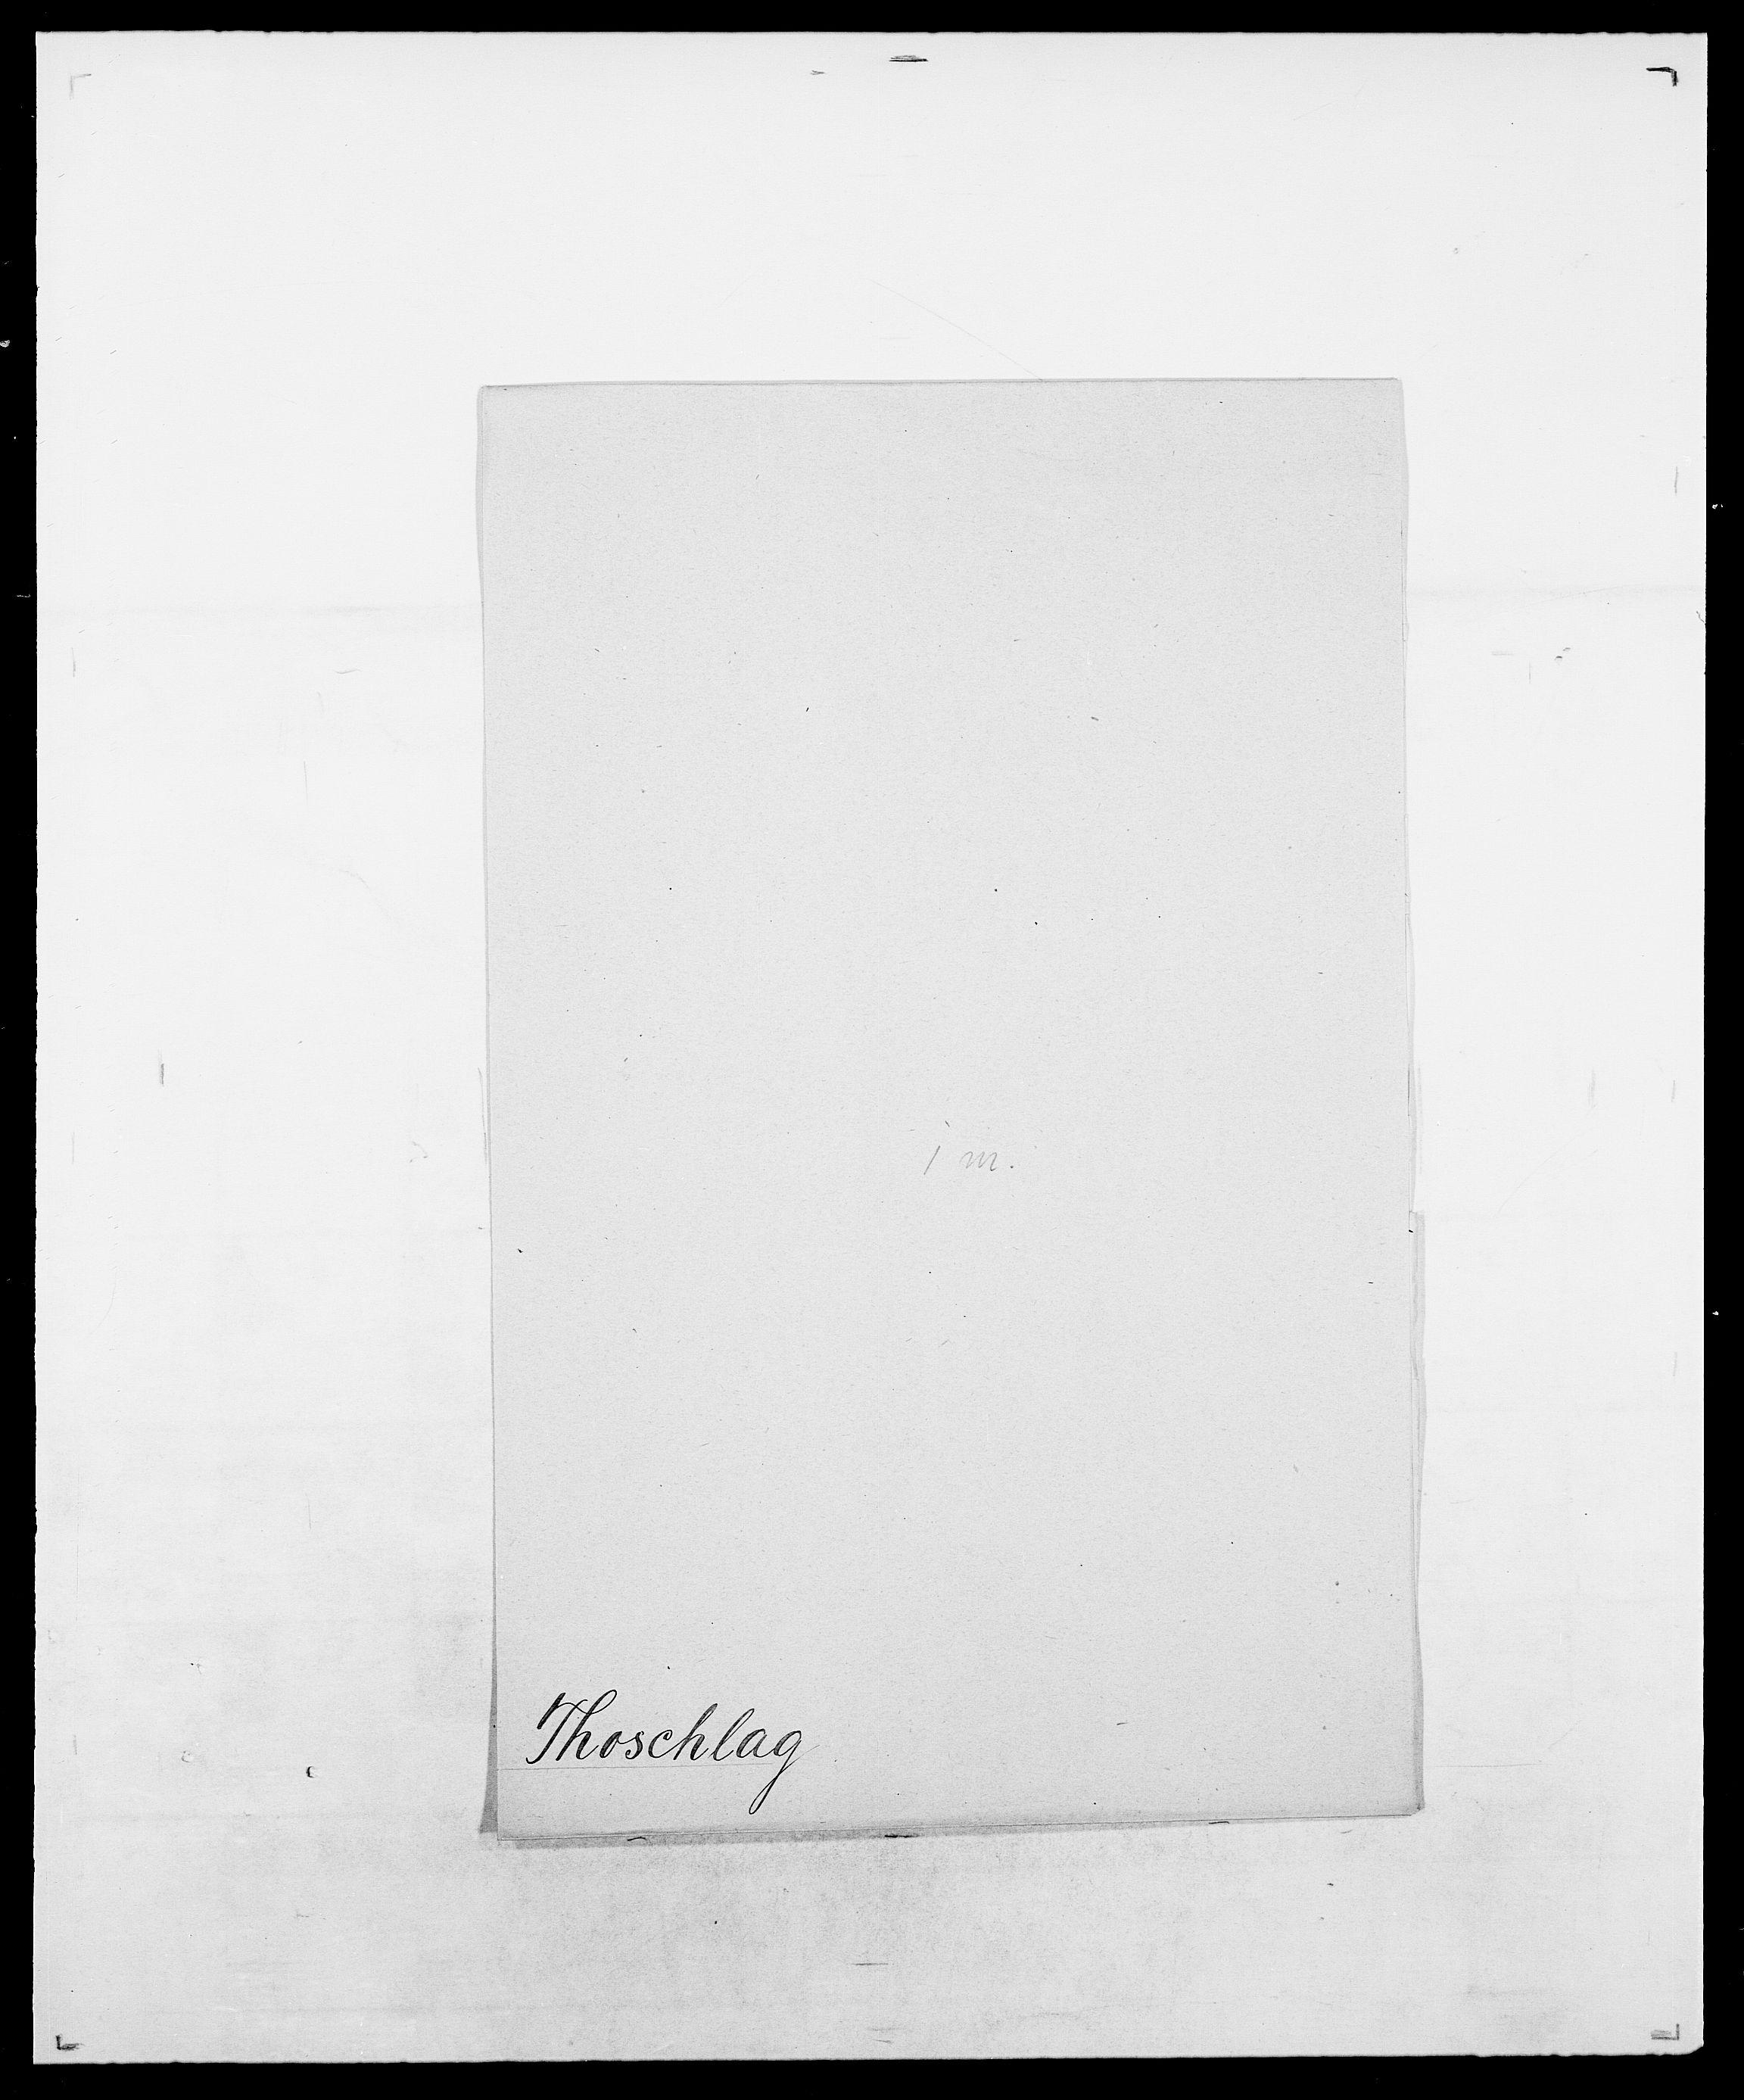 SAO, Delgobe, Charles Antoine - samling, D/Da/L0038: Svanenskjold - Thornsohn, s. 932